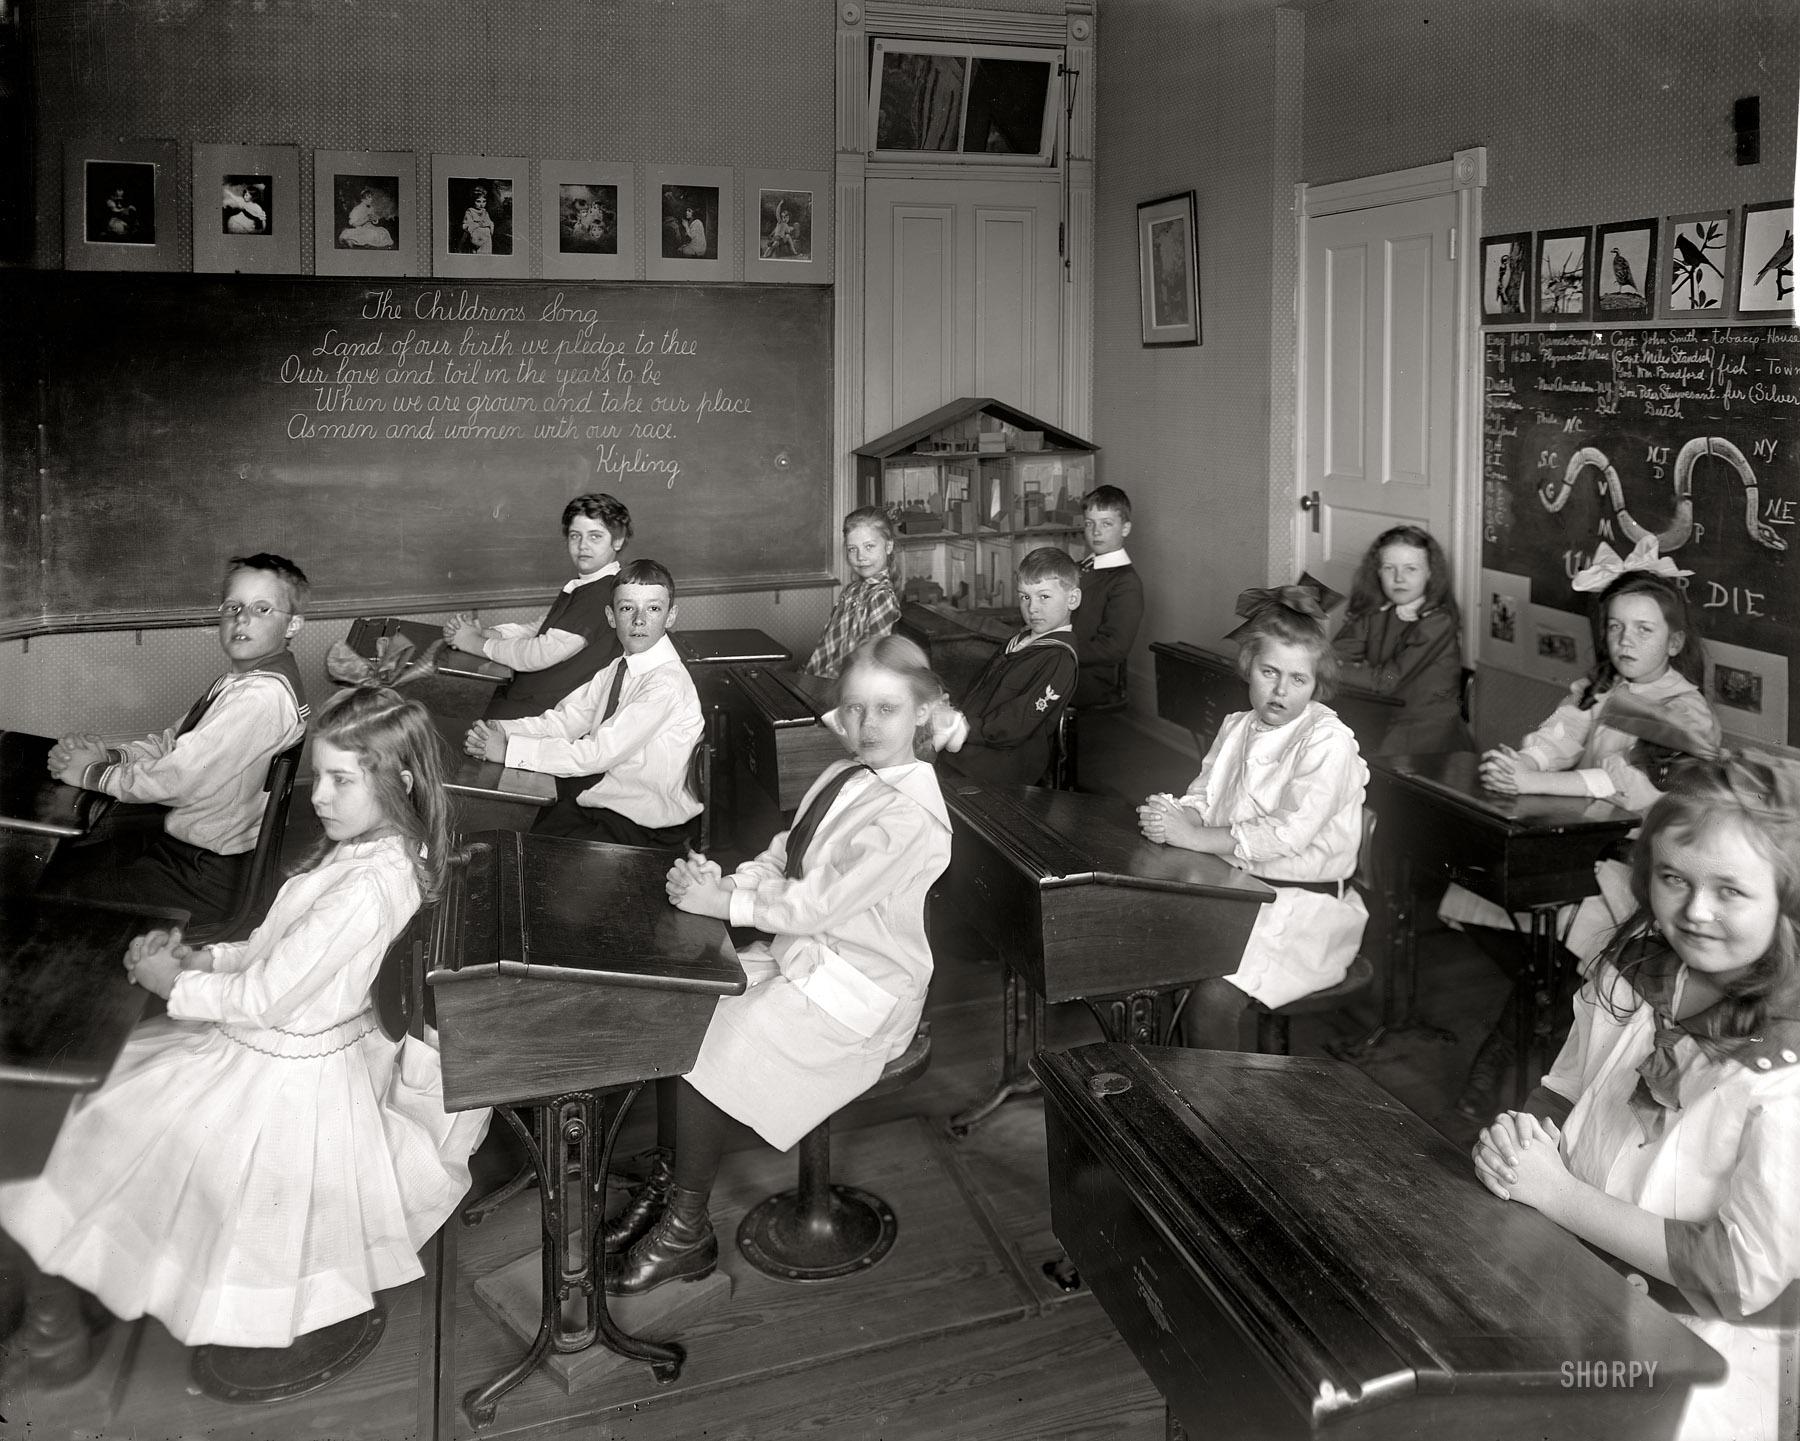 картинки фото школы прошлого отметили, что